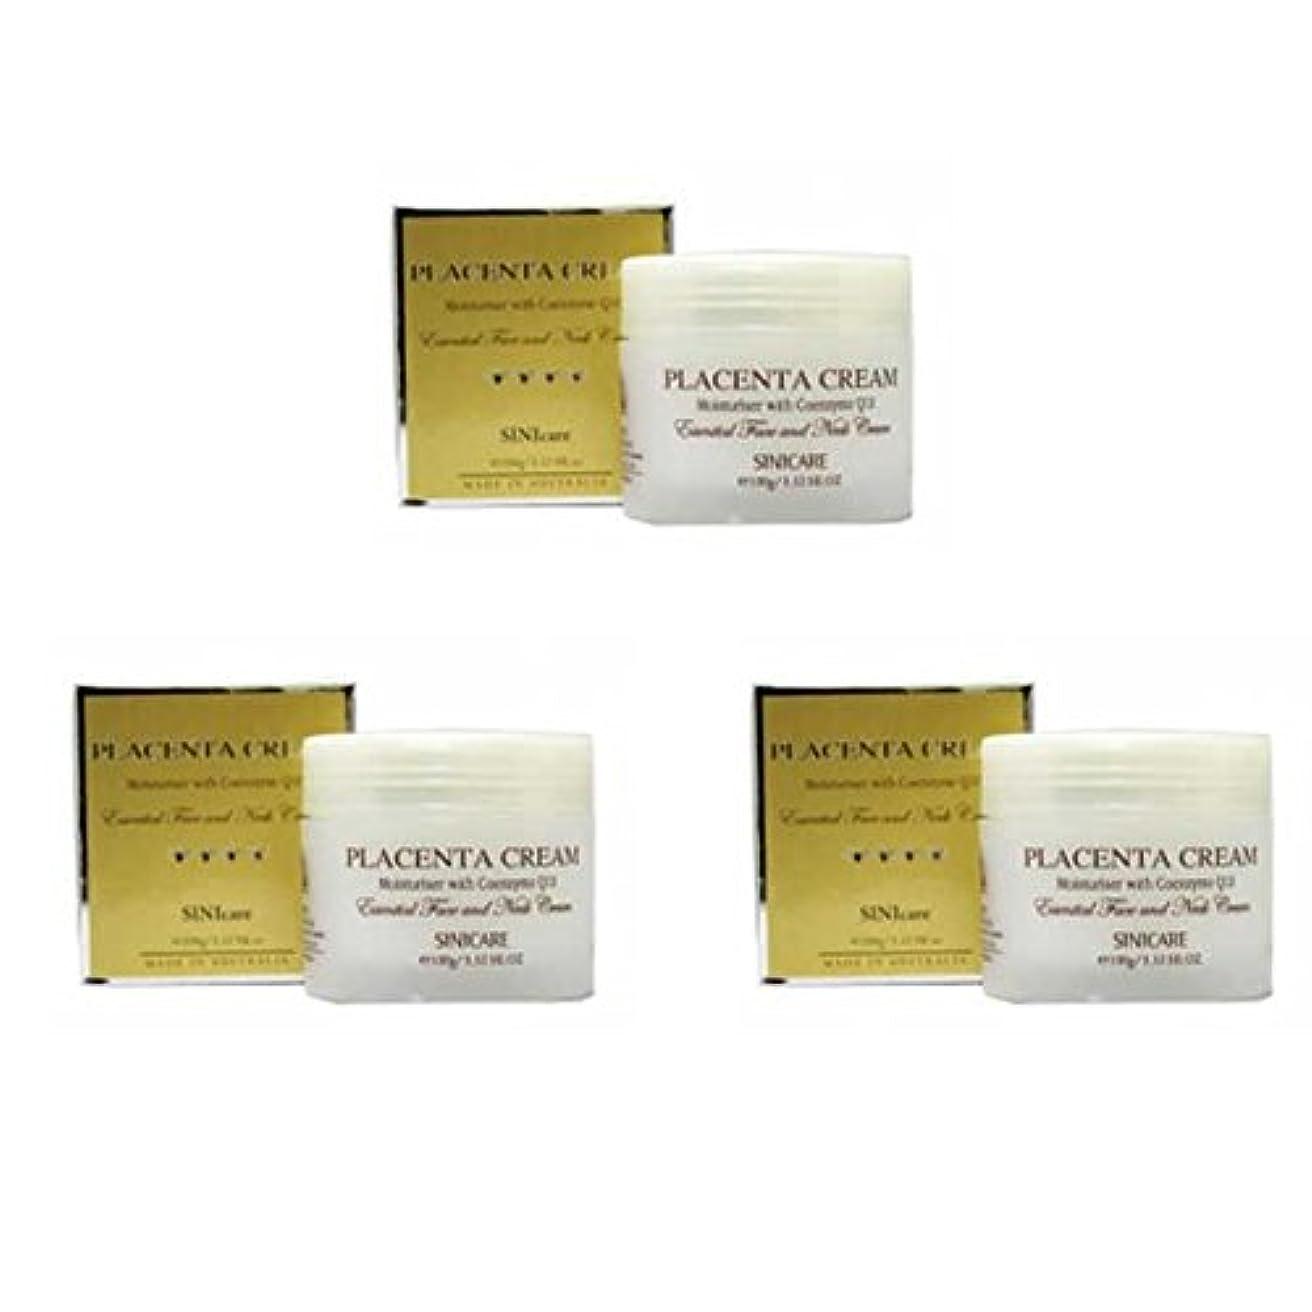 身元信念モッキンバード[Sini Care]Q10配合 プラセンタクリーム(Placenta Cream with Q10)100g ×3個セット[海外直送品]